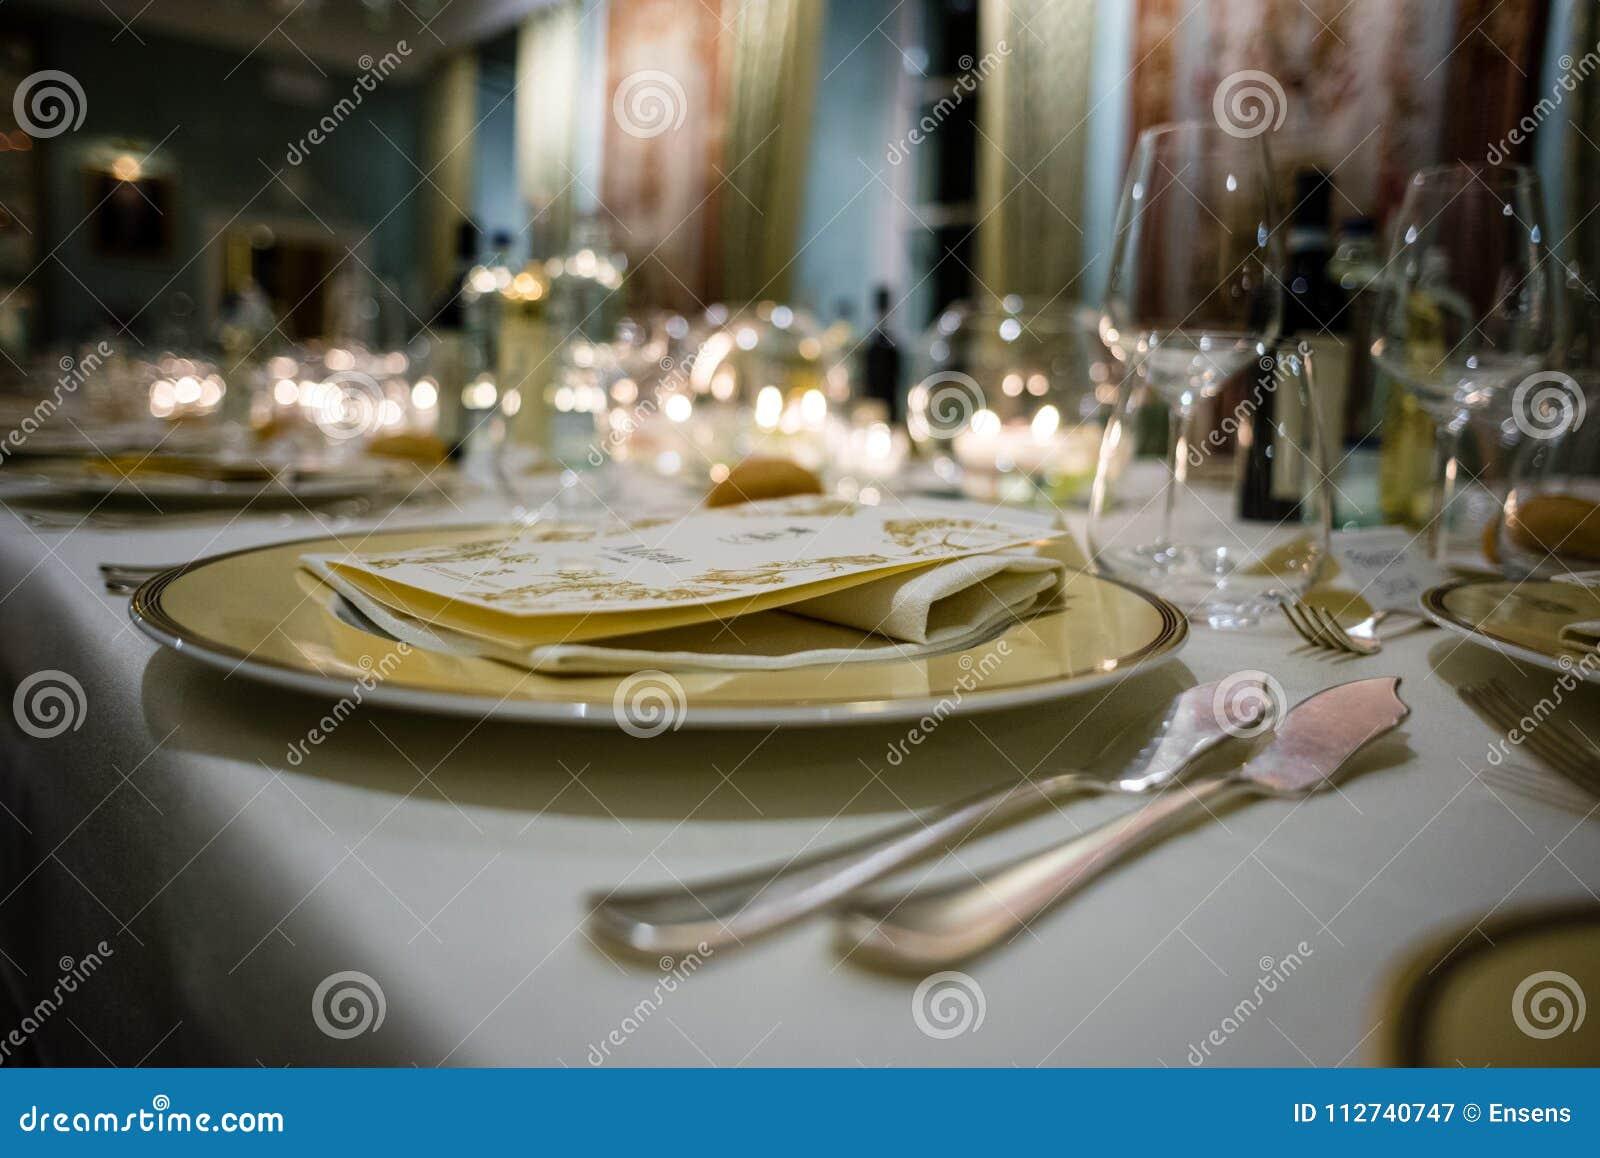 πίνακας σε ένα εστιατόριο πολυτέλειας, που τίθεται για ένα γεύμα gala